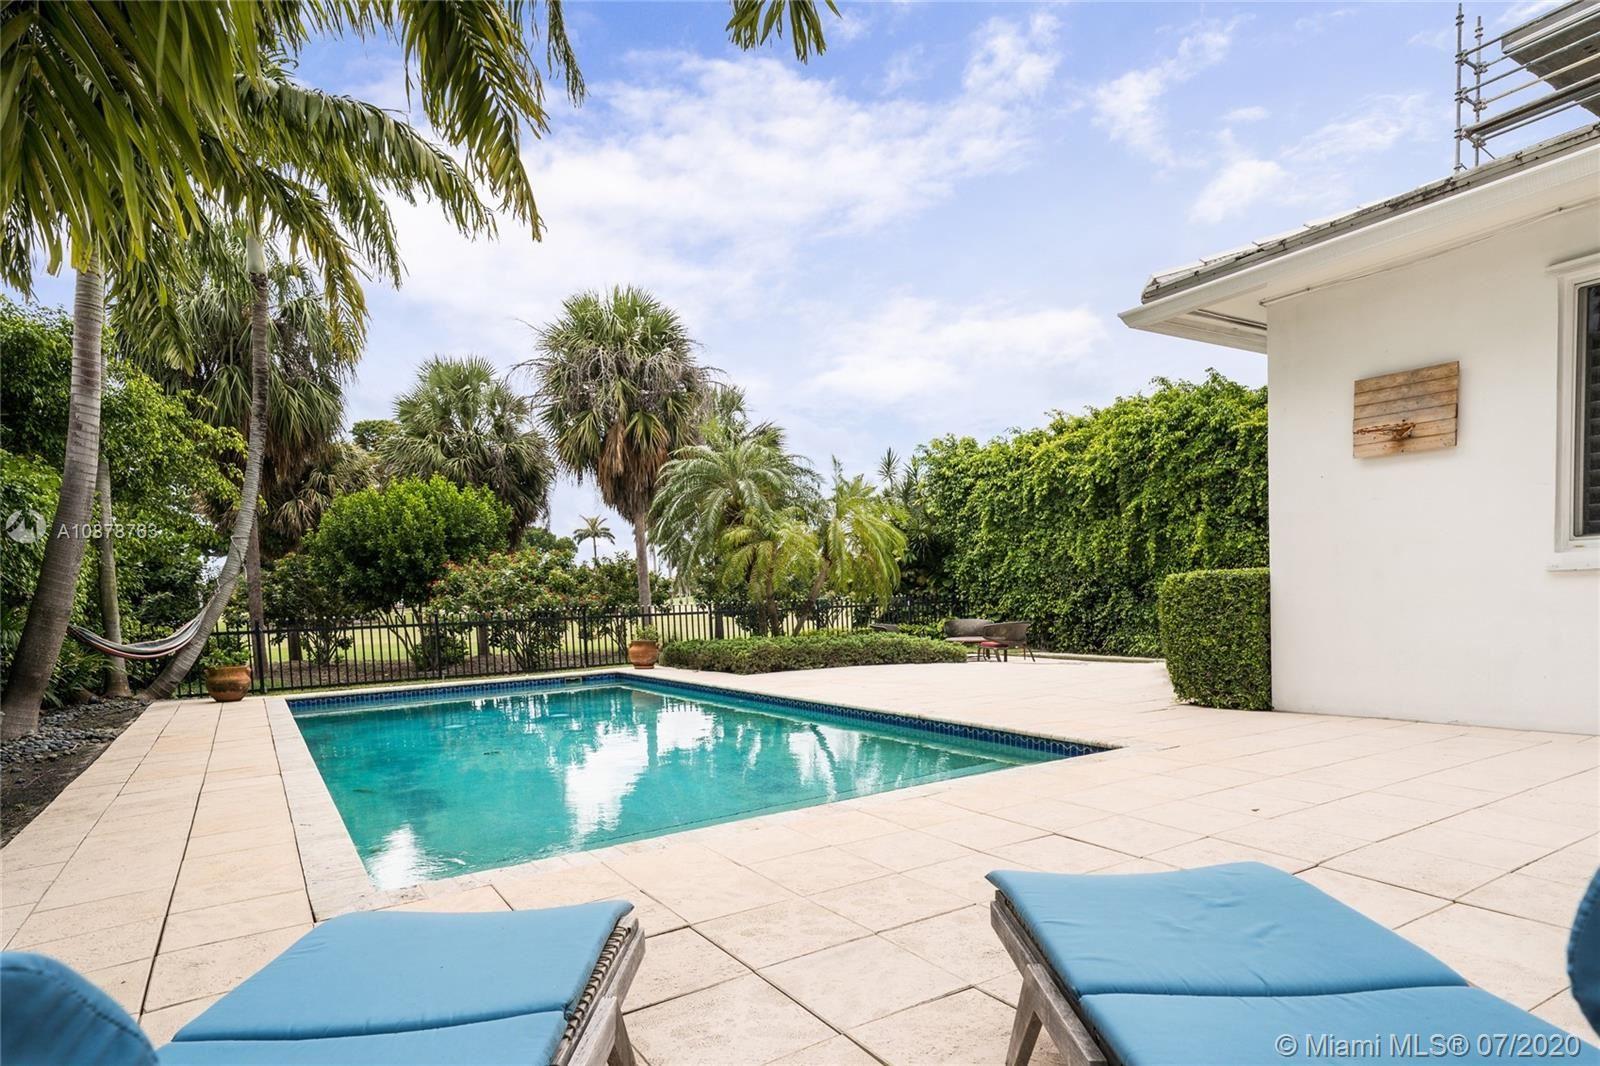 5456 La Gorce Dr, Miami Beach, FL 33140 - #: A10878763